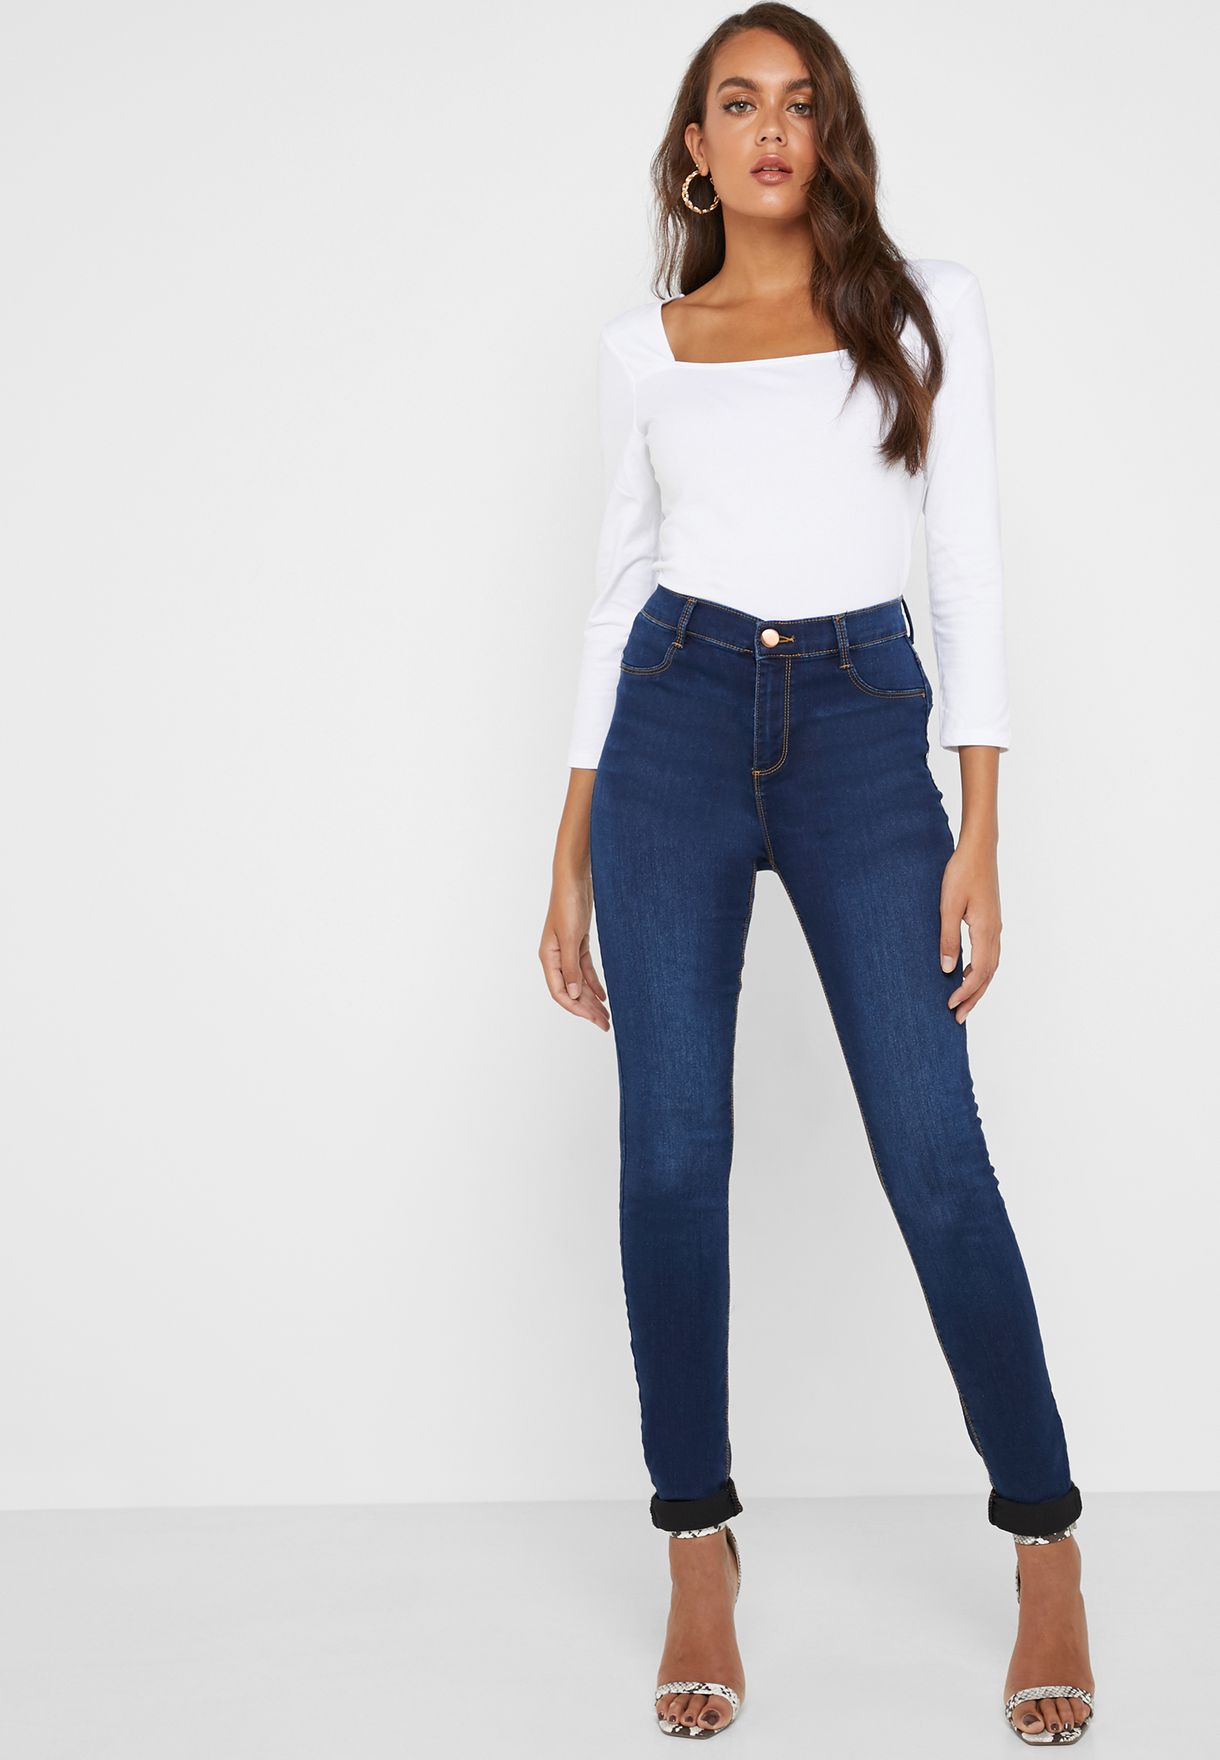 2bca3cef4 تسوق جينز سكيني وبخصر مرتفع ماركة دوروثي بيركنز تول لون أزرق 9040224 ...